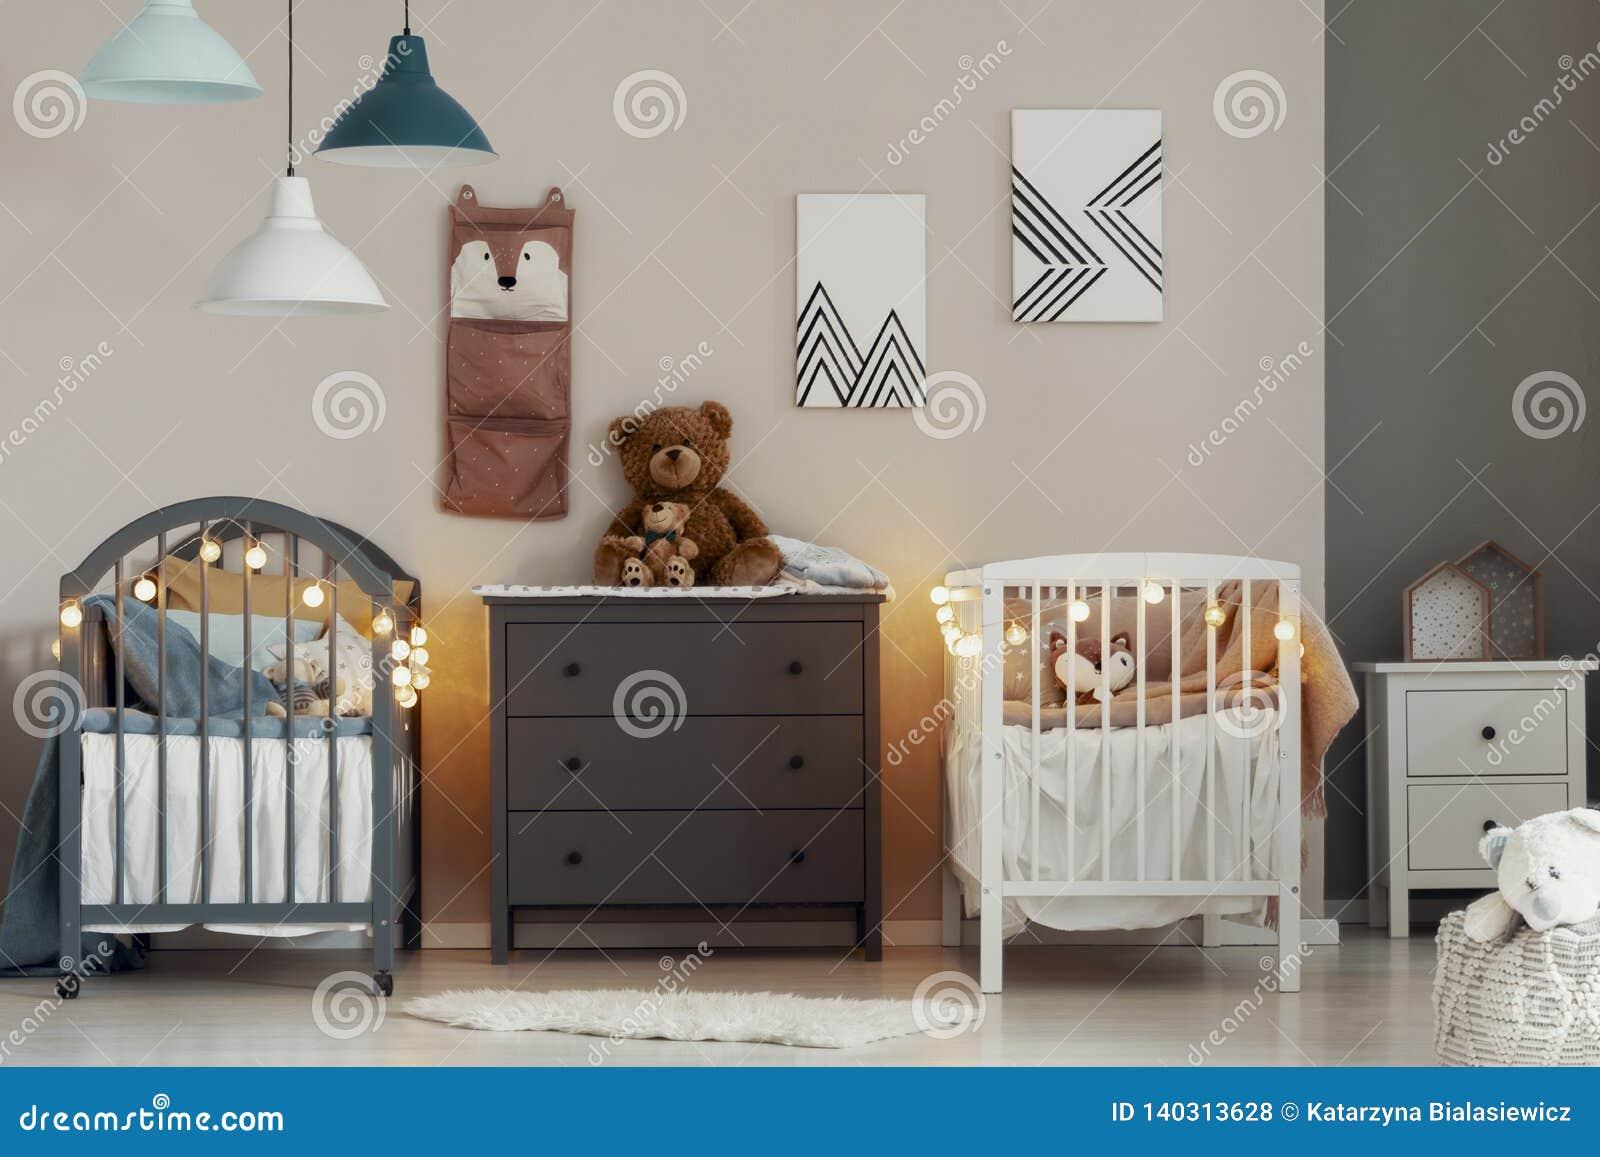 与白色和灰色小儿床、洗脸台和小nightstand桌的舒适婴孩卧室内部